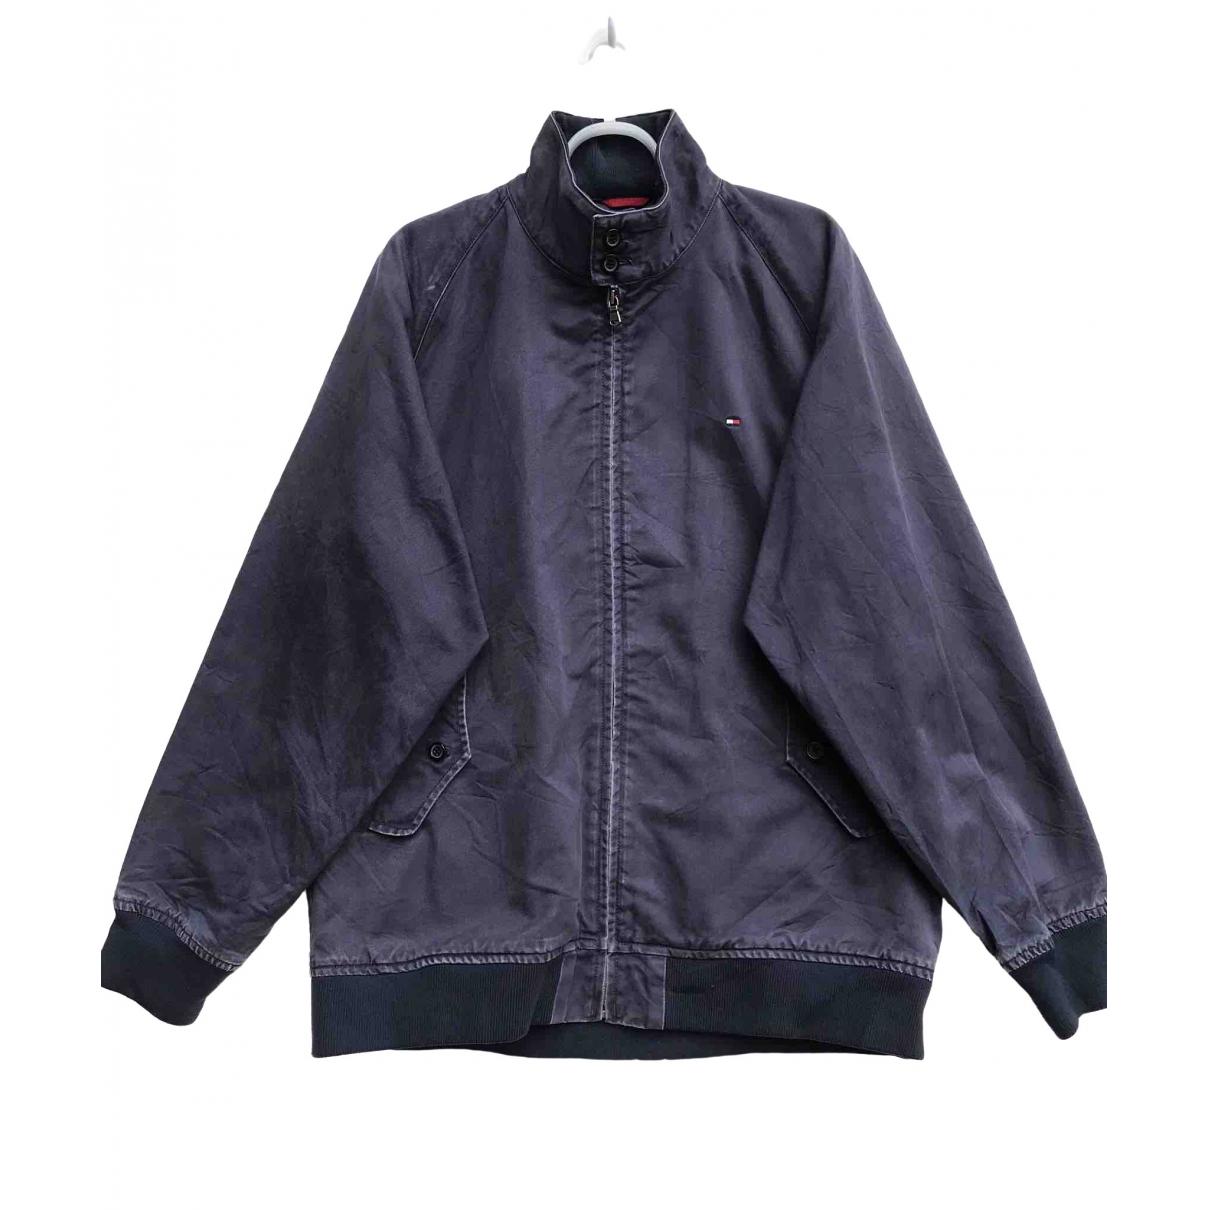 Tommy Hilfiger \N Navy Denim - Jeans jacket  for Men L International